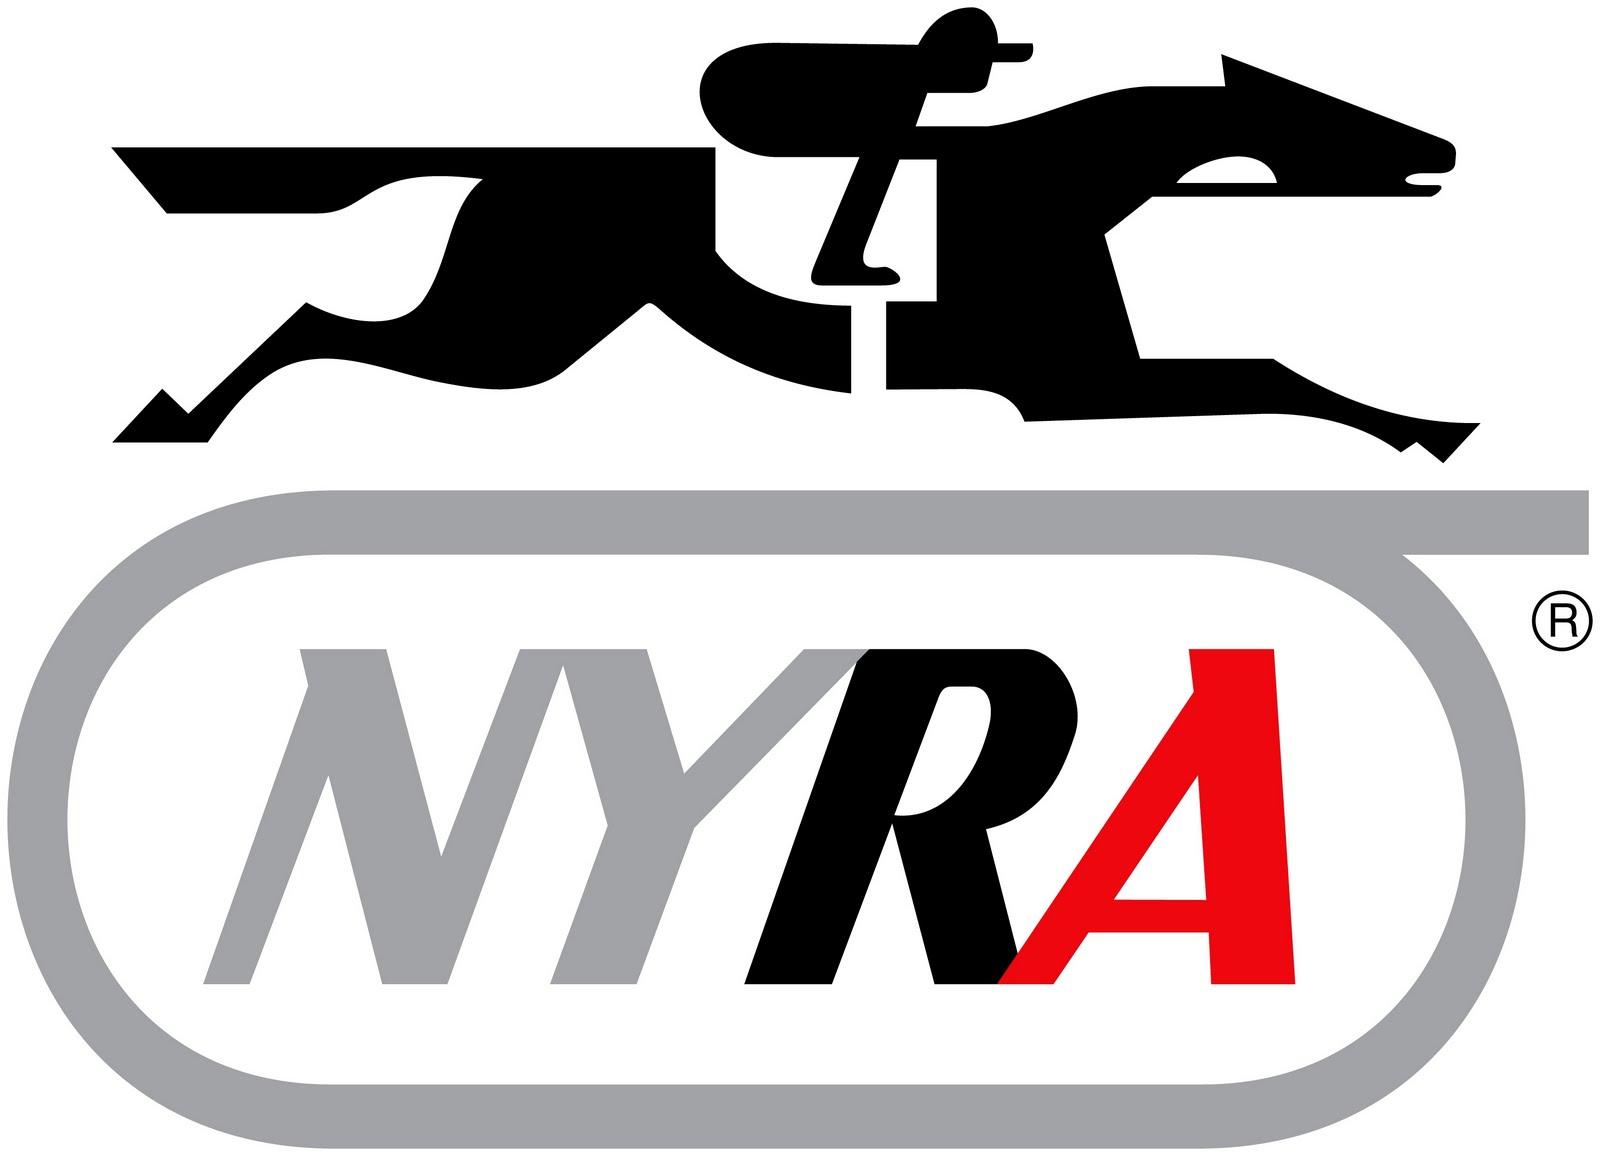 NYRA-logo-large.jpg